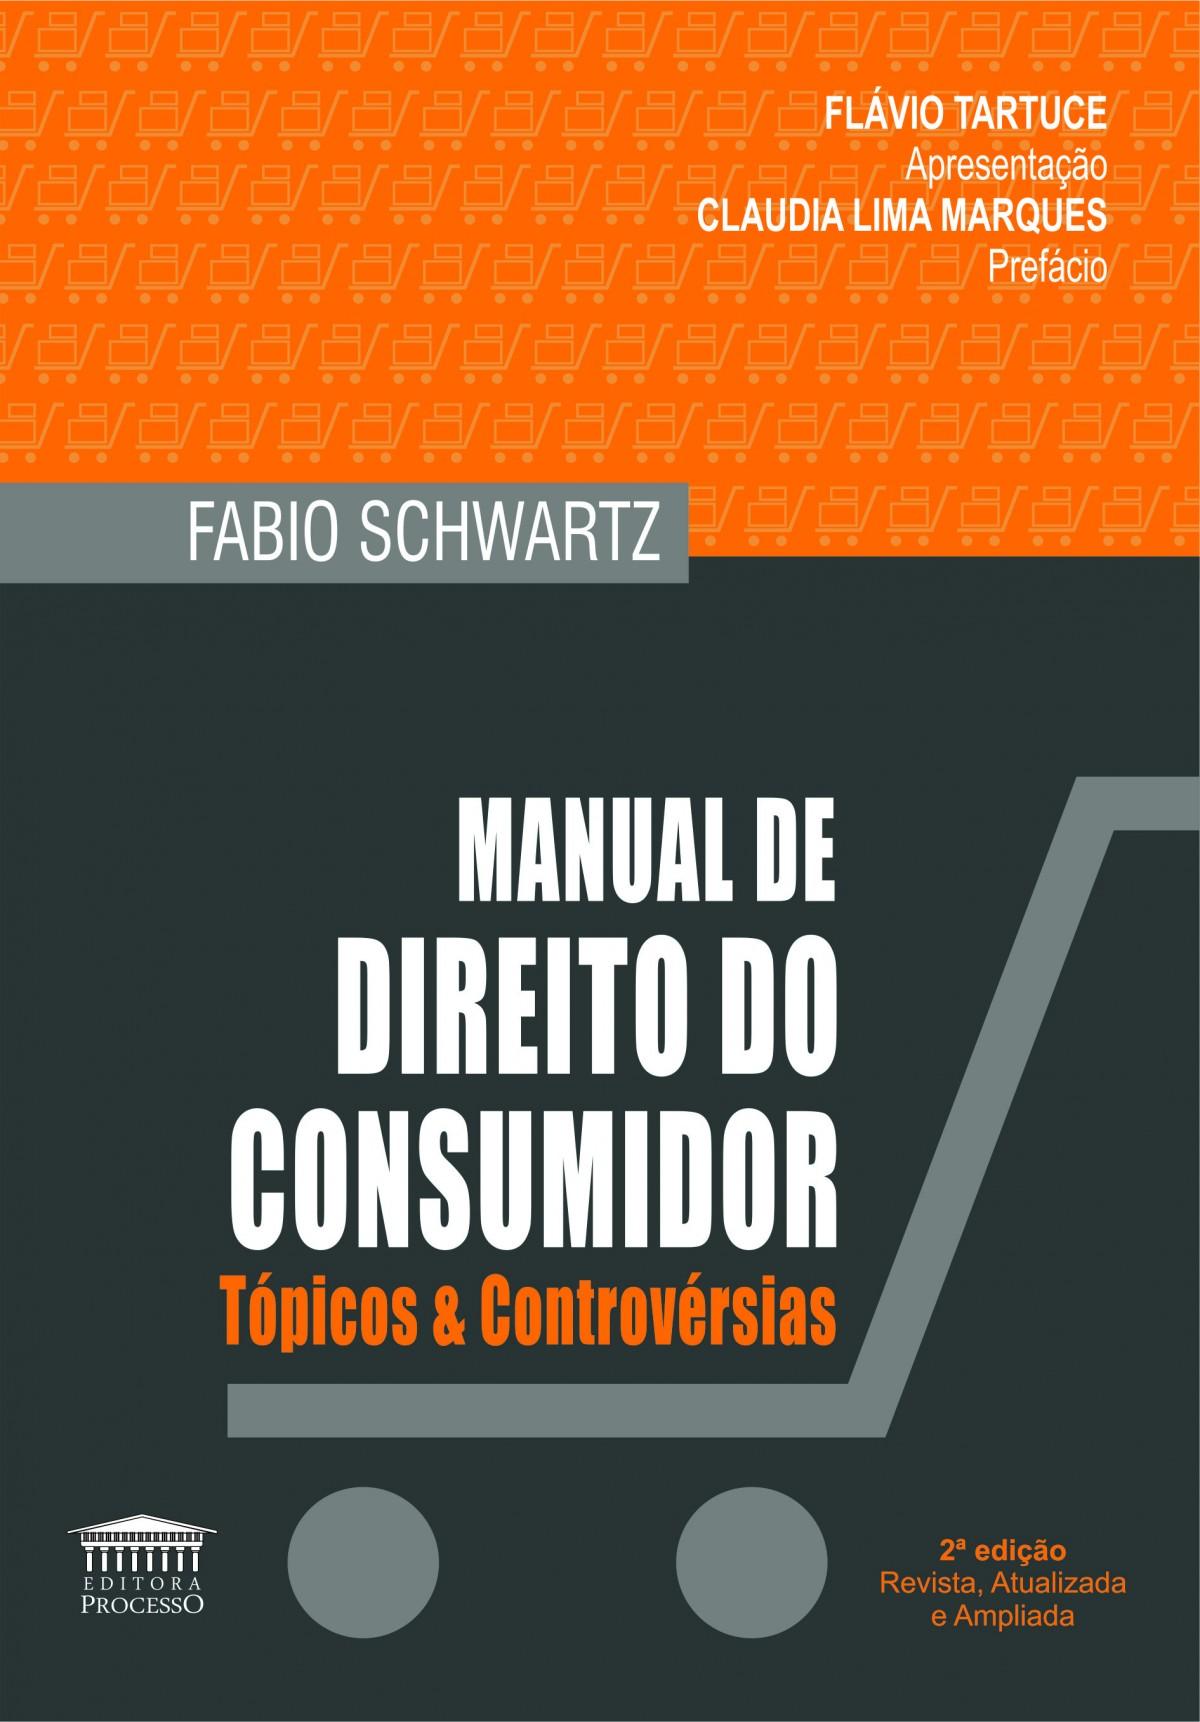 Foto 1 - Manual de Direito do Consumidor - 2ª Edição